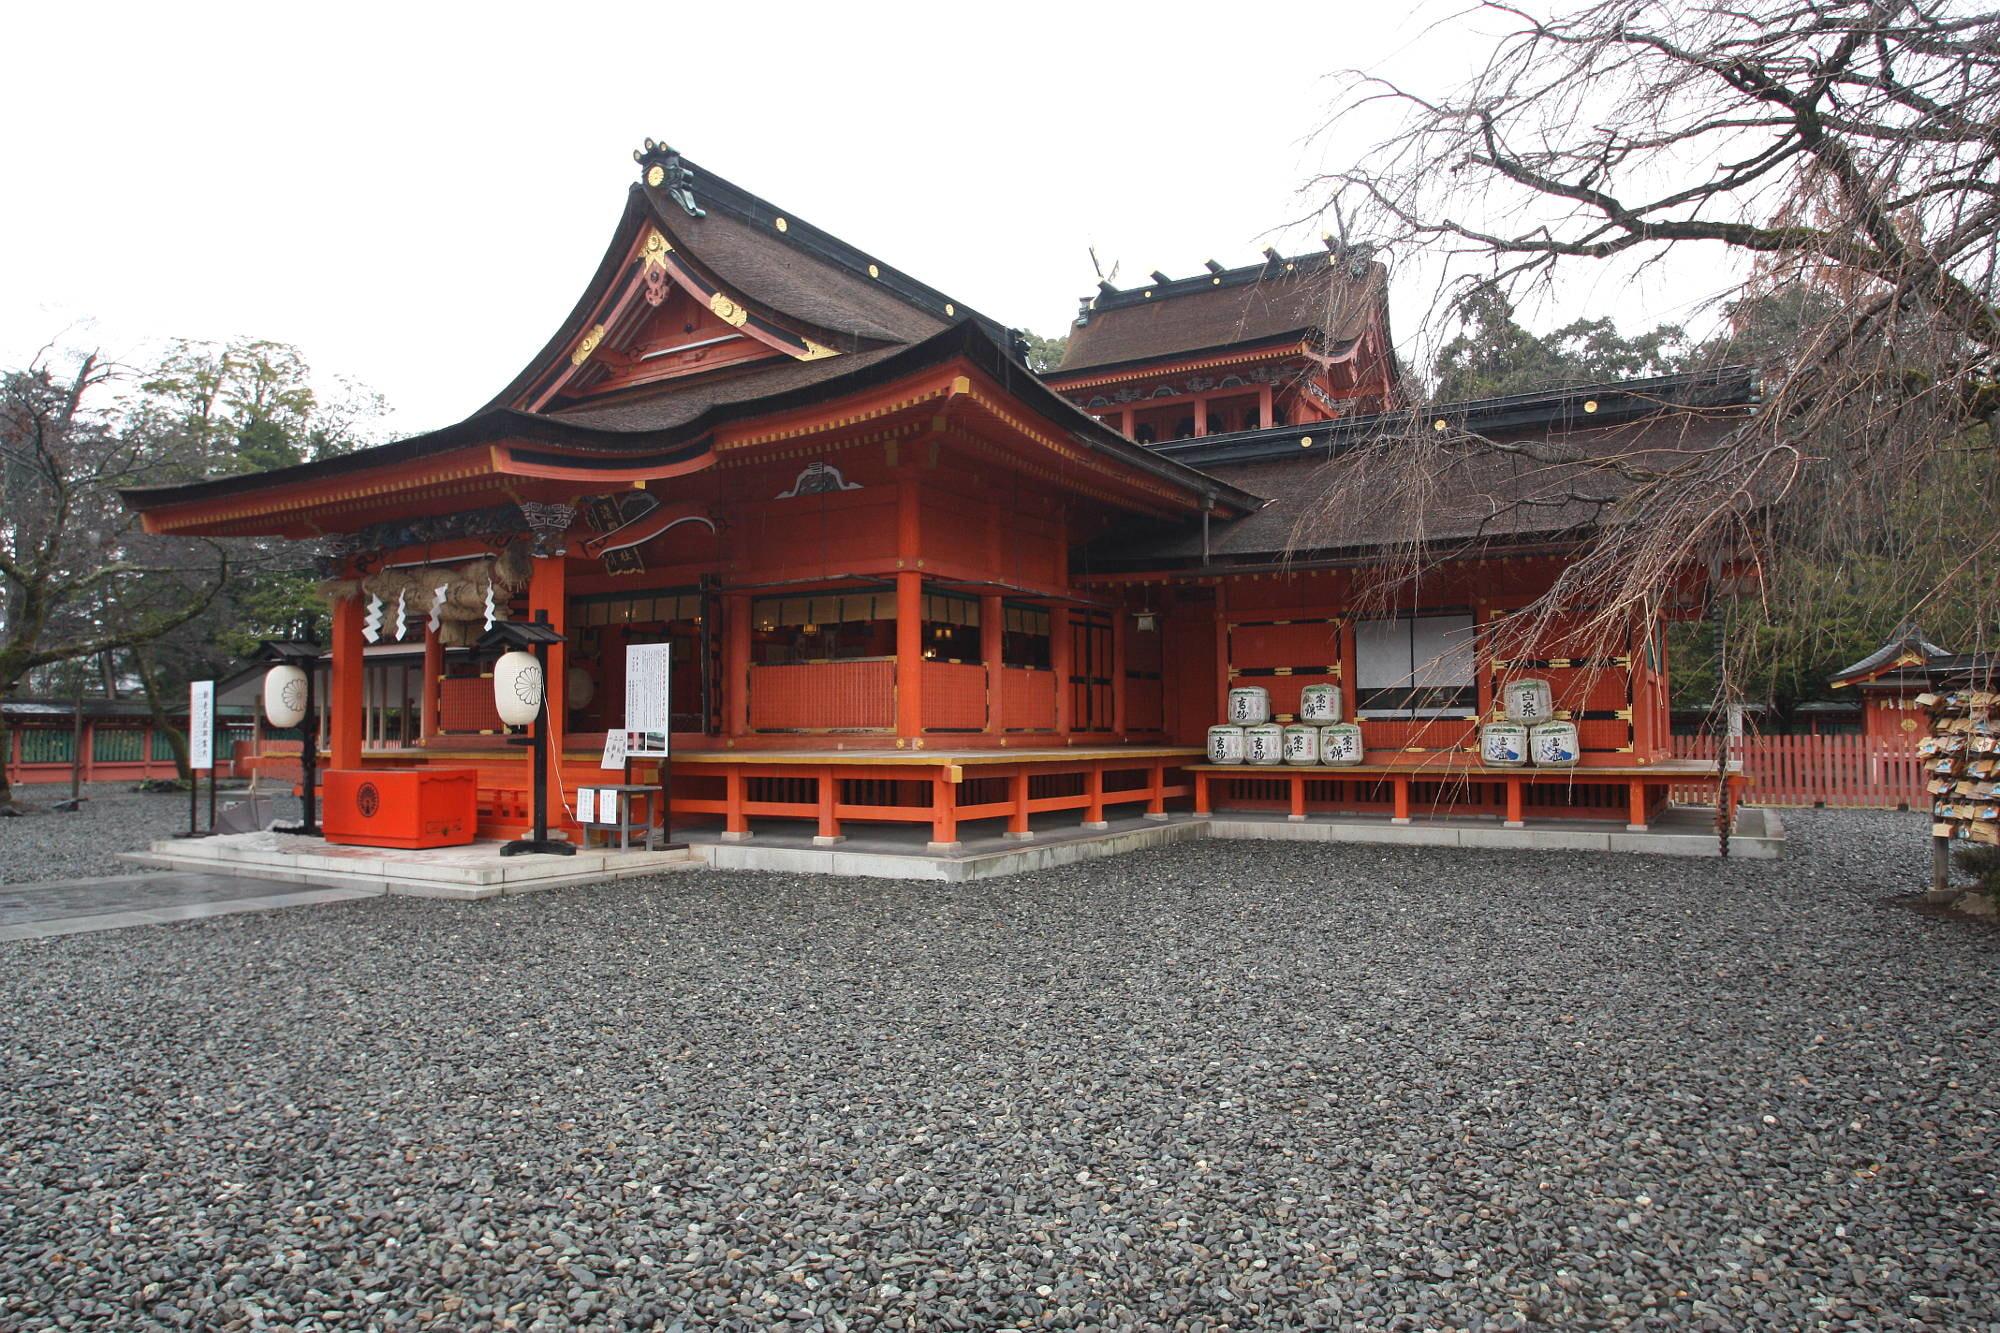 富士山本宮浅間大社の社殿